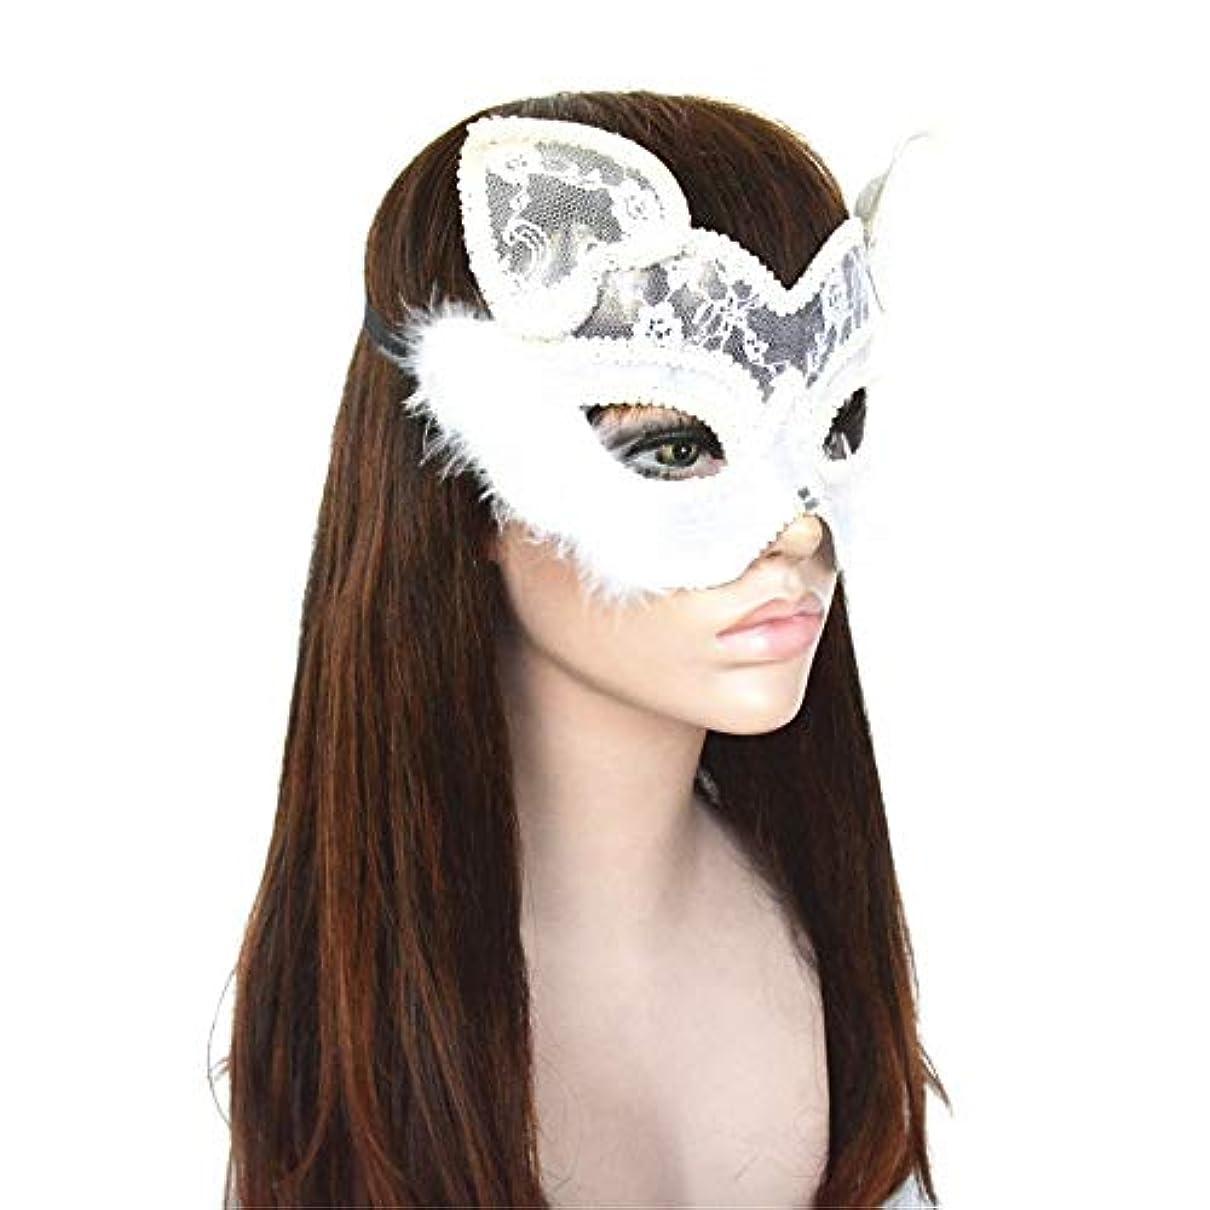 請求可能対処絶望的なダンスマスク レース楽しい女性動物猫顔ポリ塩化ビニールハロウィンマスククリスマス製品コスプレナイトクラブパーティーマスク ホリデーパーティー用品 (色 : 白, サイズ : 19x15.5cm)